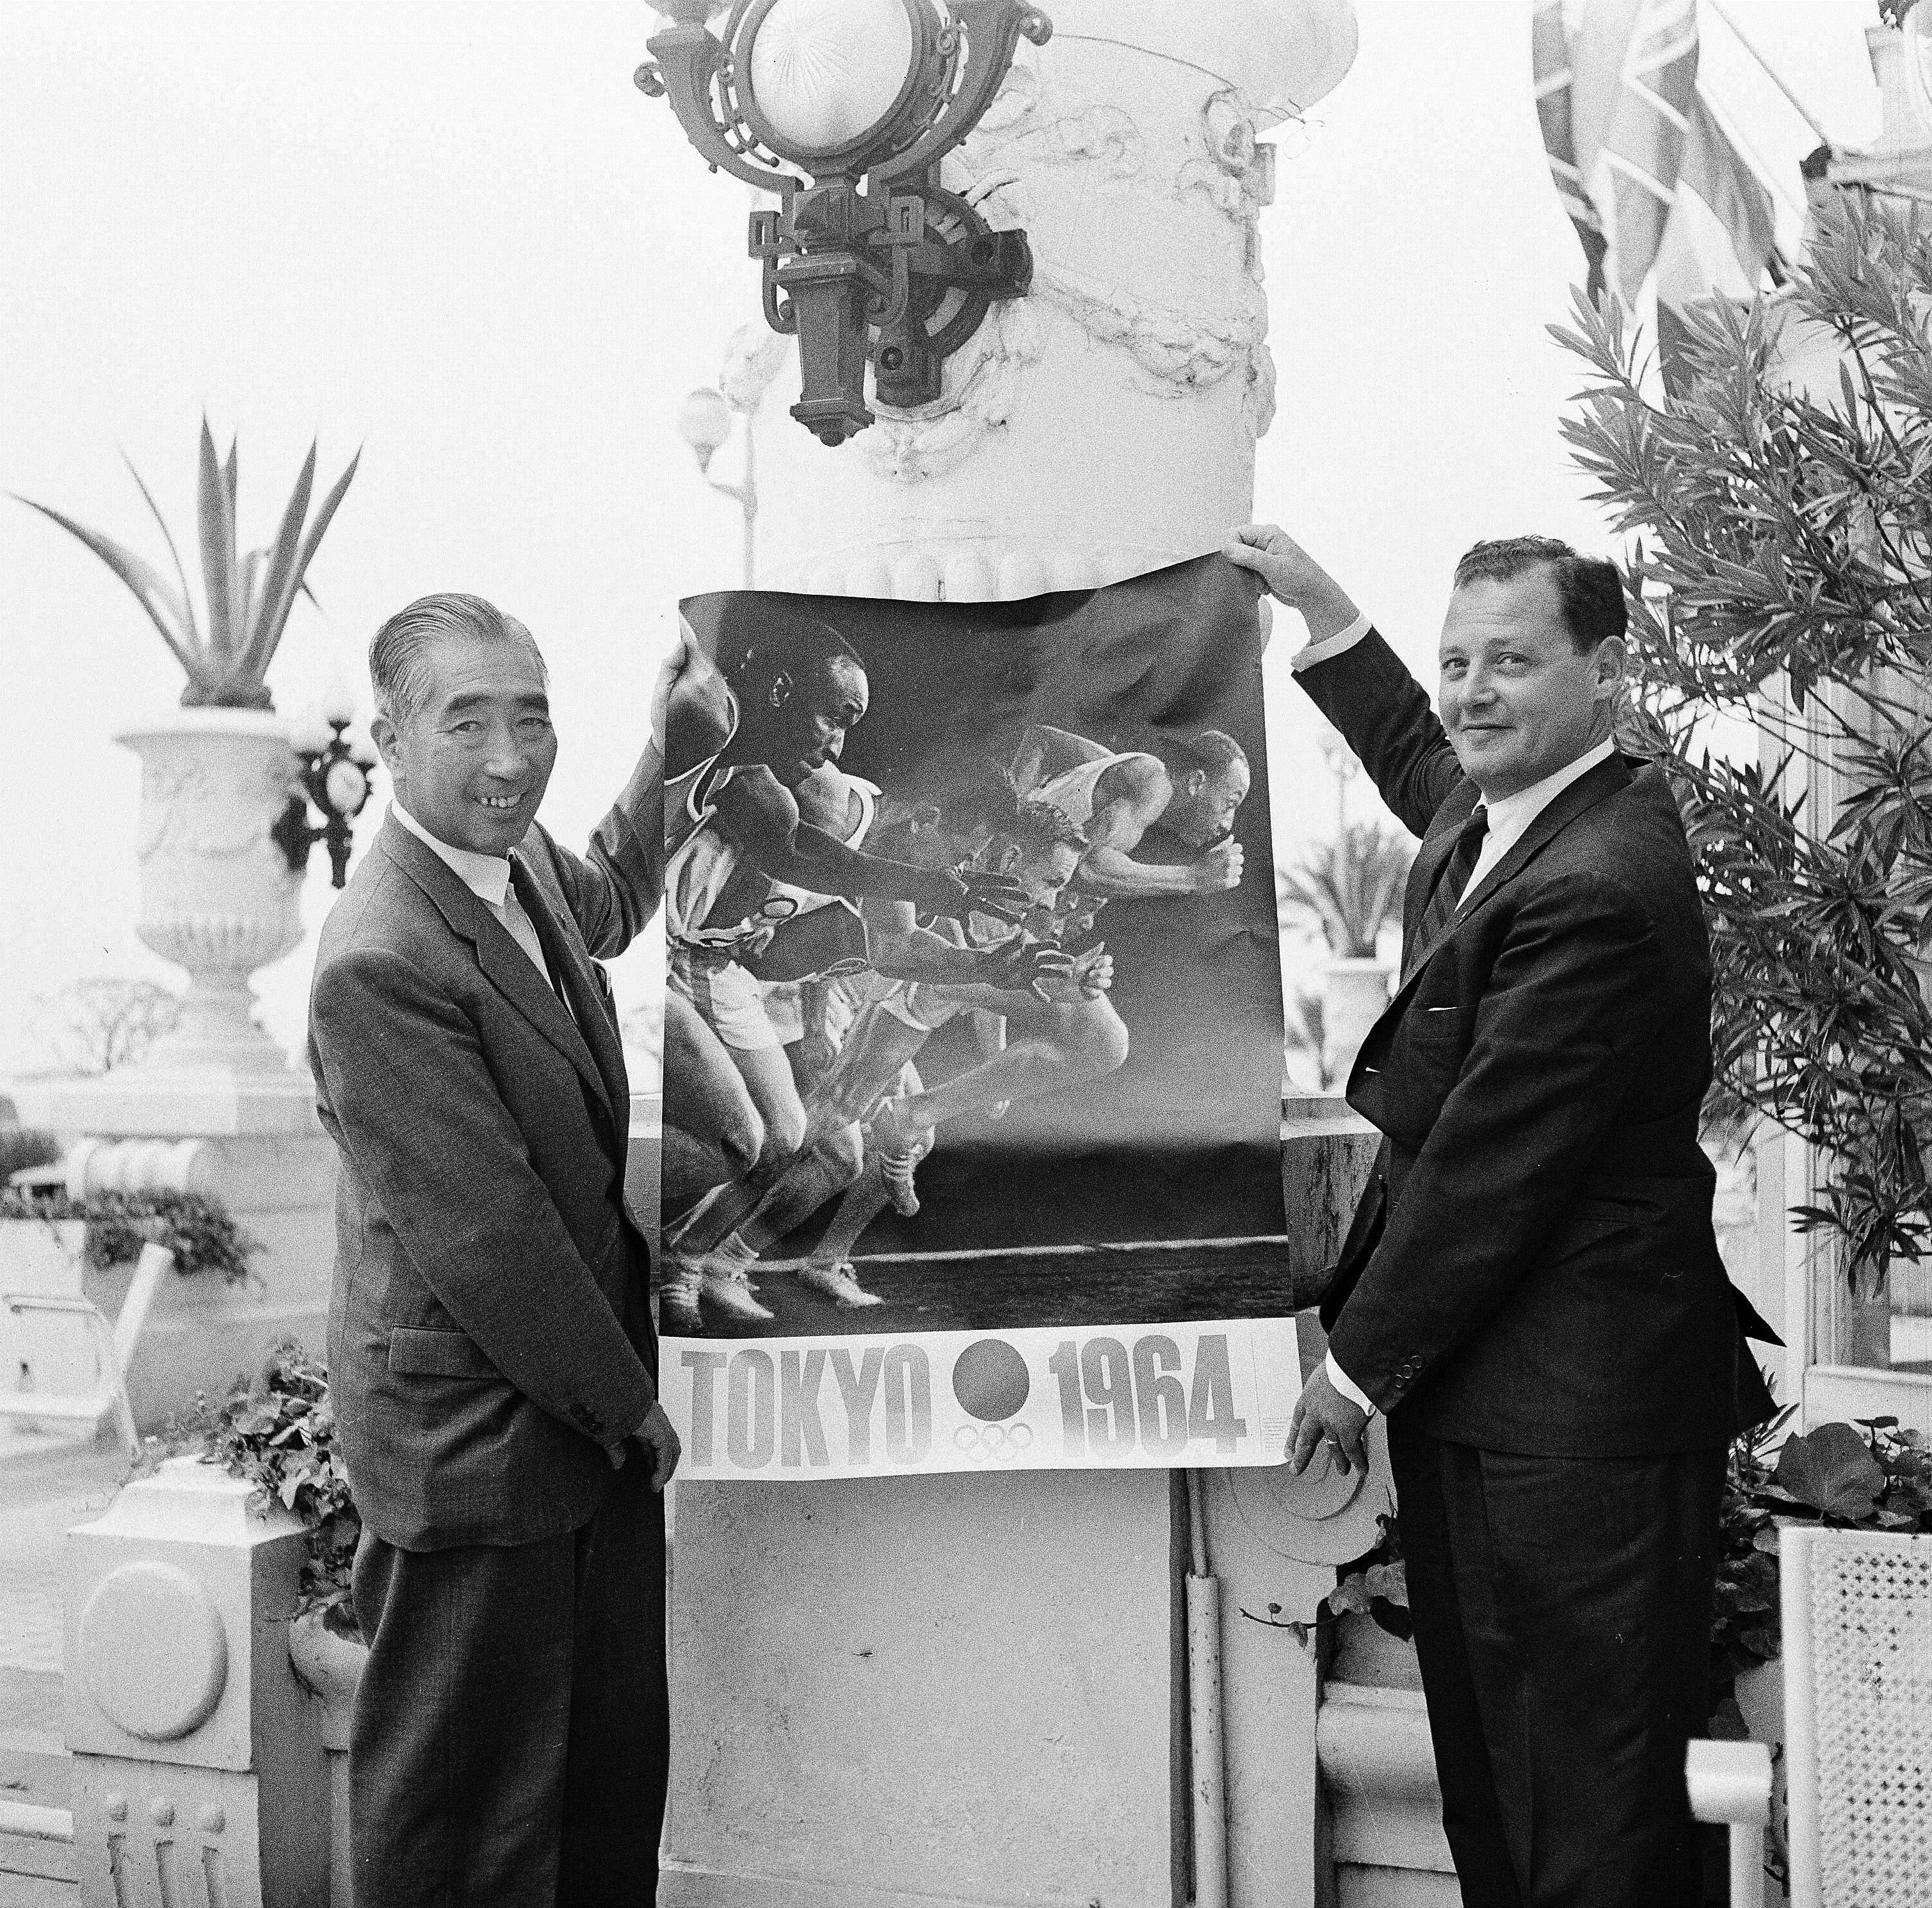 L'affiche officielle des JO 1964 de Tokyo